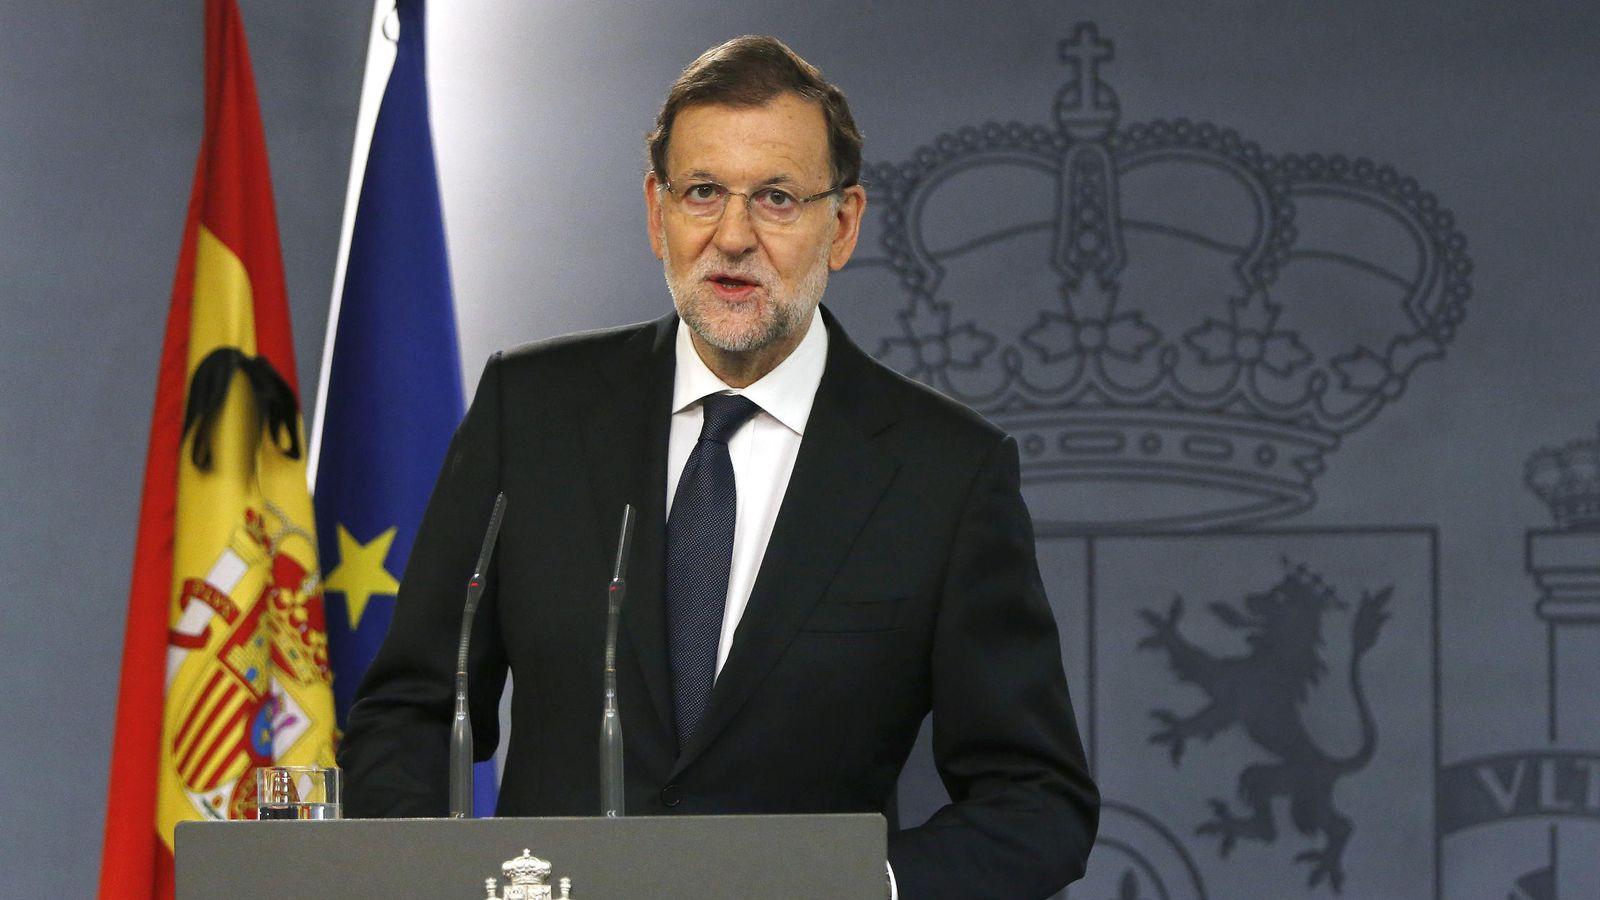 Foto: Rajoy dice que los atentados son una lucha entre civilización y barbarie. (EFE)